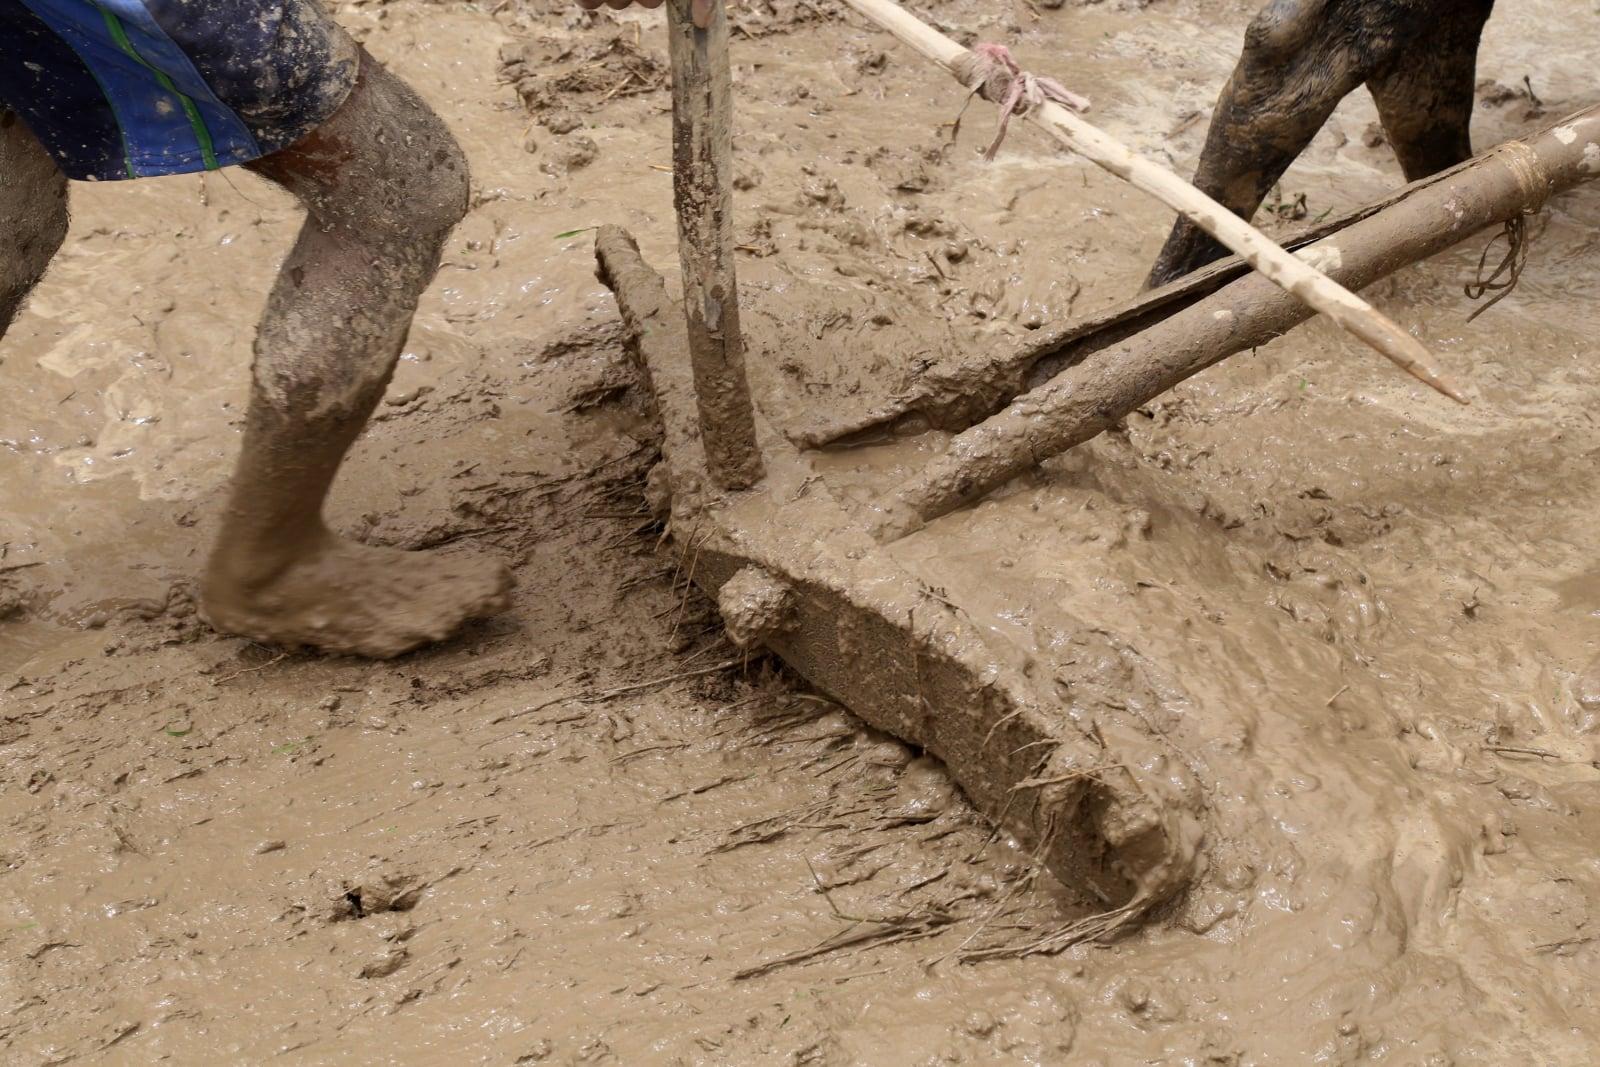 Indyjski sposób uprawy ziemi fot. EPA/SANJAY BAID Dostawca: PAP/EPA.